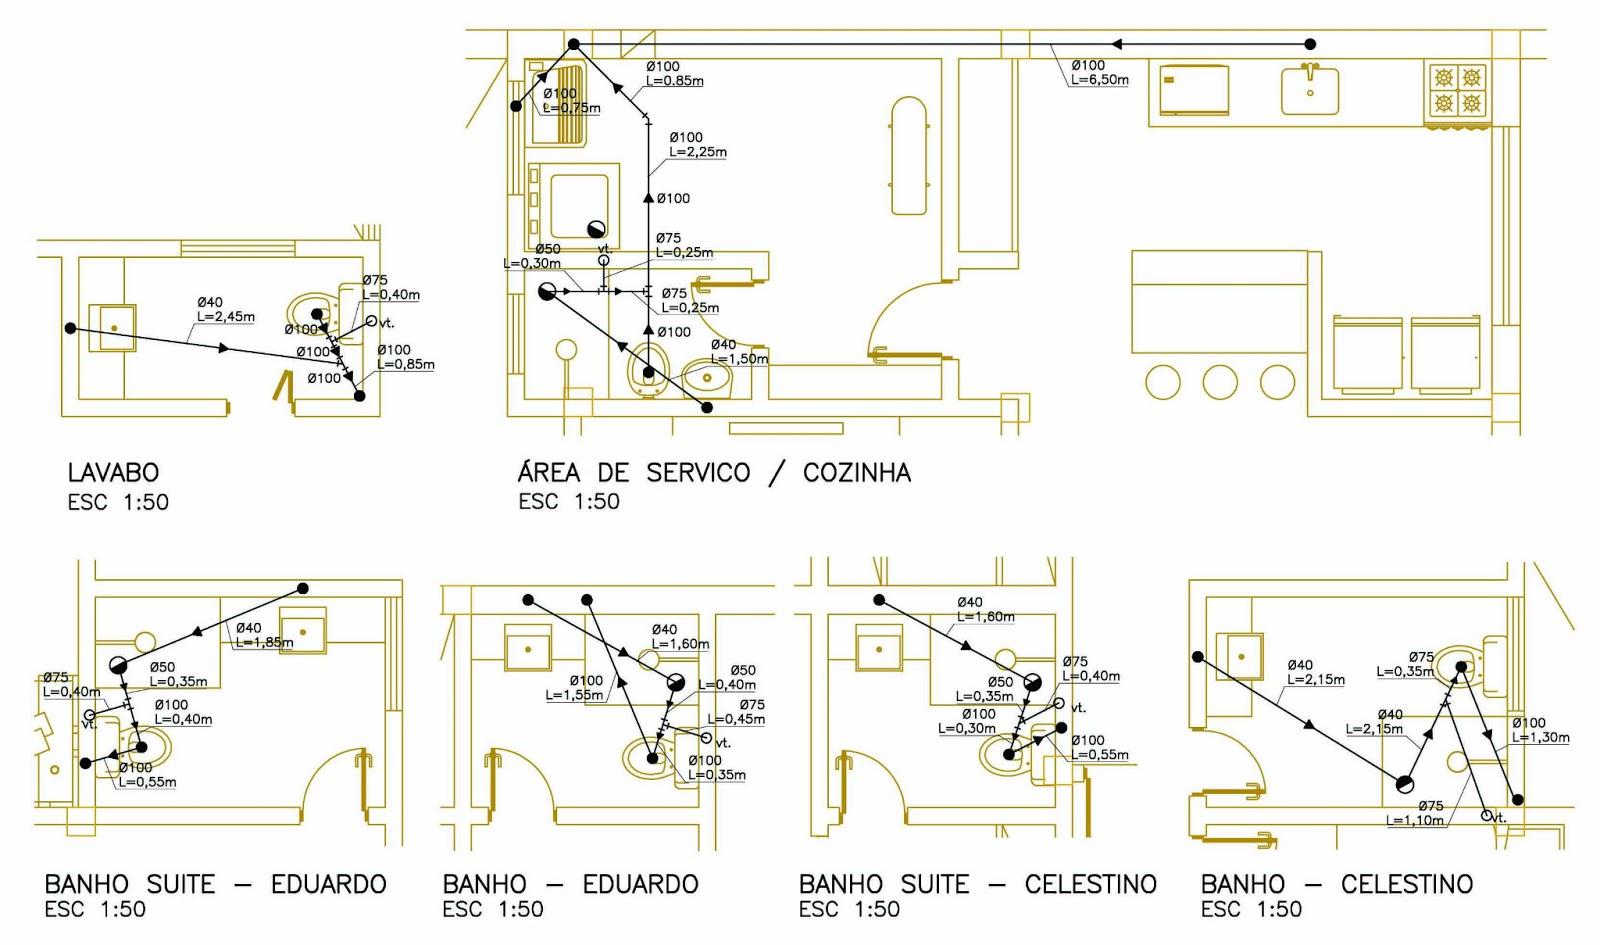 Imagens de #978434 MARIANA PROJETISTA: Arquitetura #04: Projeto de Instalação  1600x945 px 3450 Bloco Banheiro Cadeirante Cad